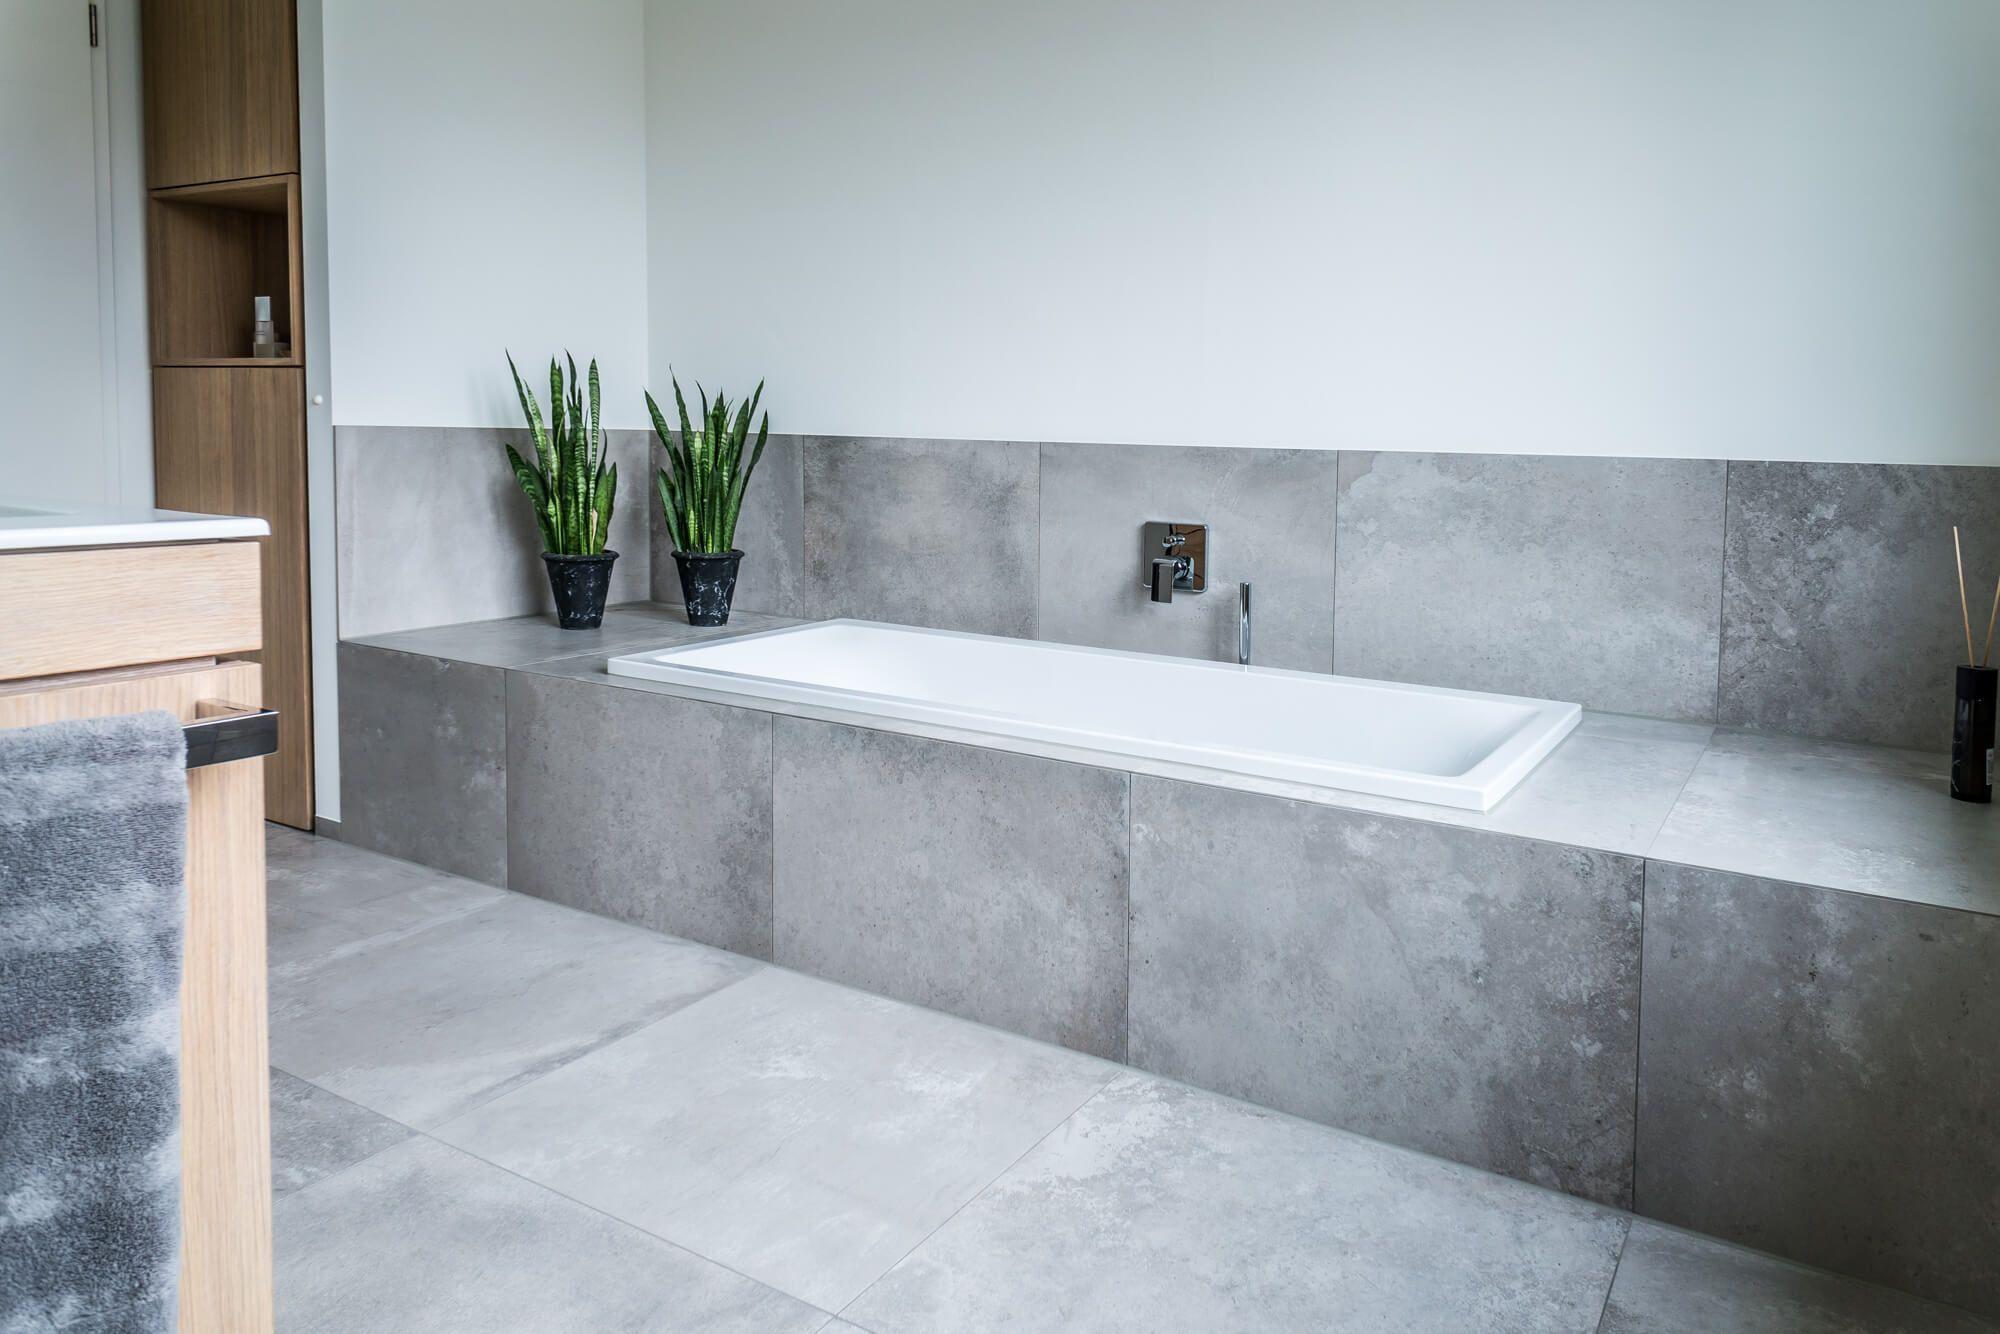 Wandverkleidung Bad Ohne Fliesen Neu Bad Ohne Fliesen Wohndesign Wandverkleidung Bad Neues Badezimmer Neues Bad